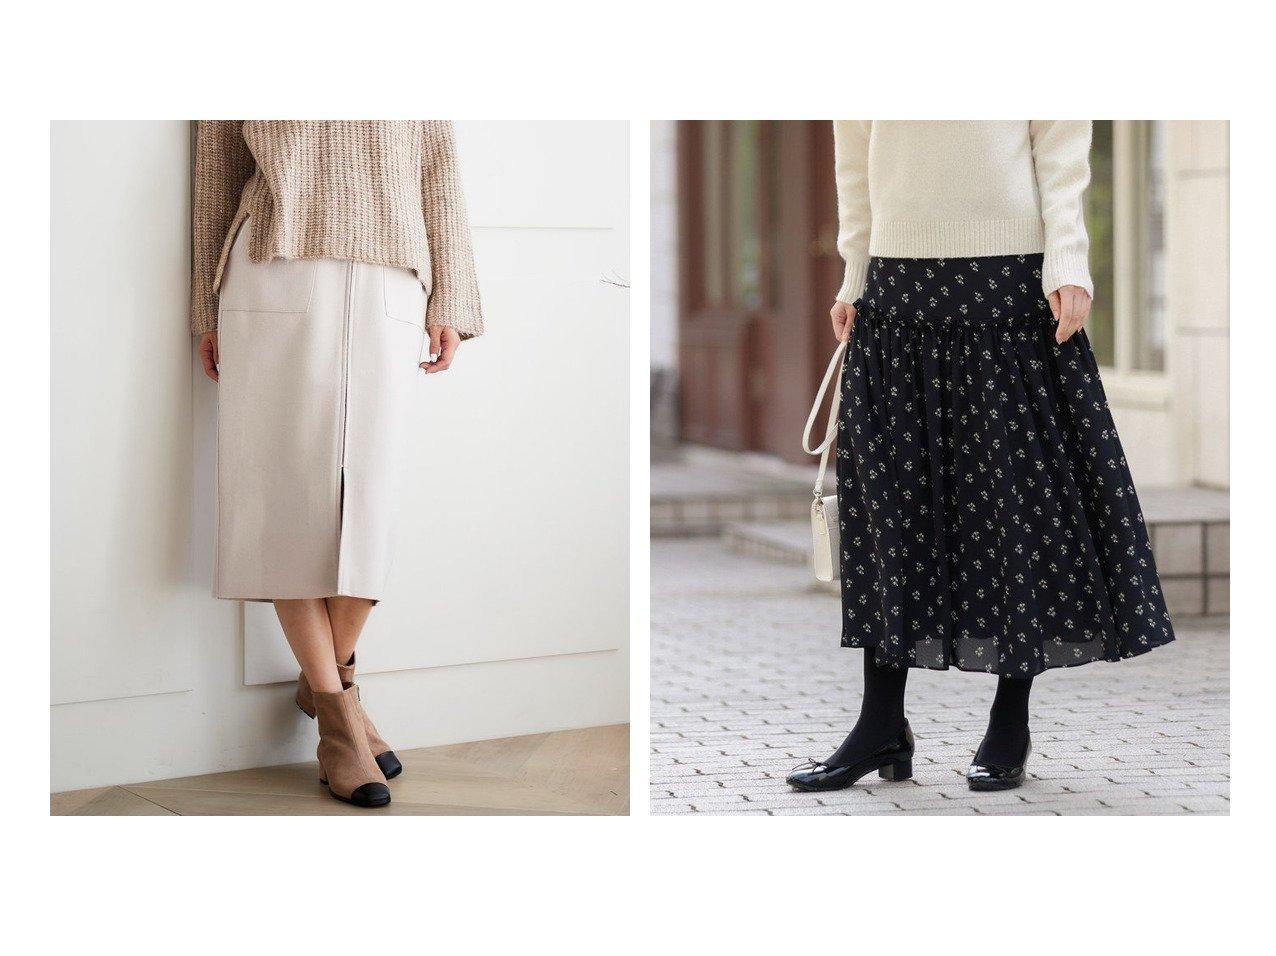 【MACKINTOSH PHILOSOPHY/マッキントッシュ フィロソフィー】のスノードロップスカート&【le.coeur blanc/ルクールブラン】のライトジャージメルトンフロントジップタイトスカート スカートのおすすめ!人気、レディースファッションの通販 おすすめファッション通販アイテム インテリア・キッズ・メンズ・レディースファッション・服の通販 founy(ファニー) ファッション Fashion レディース WOMEN スカート Skirt Aライン/フレアスカート Flared A-Line Skirts ギャザー 無地 シンプル スタイリッシュ タイトスカート パーカー フェミニン モダン 冬 Winter グレー系 Gray ブラウン系 Brown レッド系 Red |ID:crp329100000002176